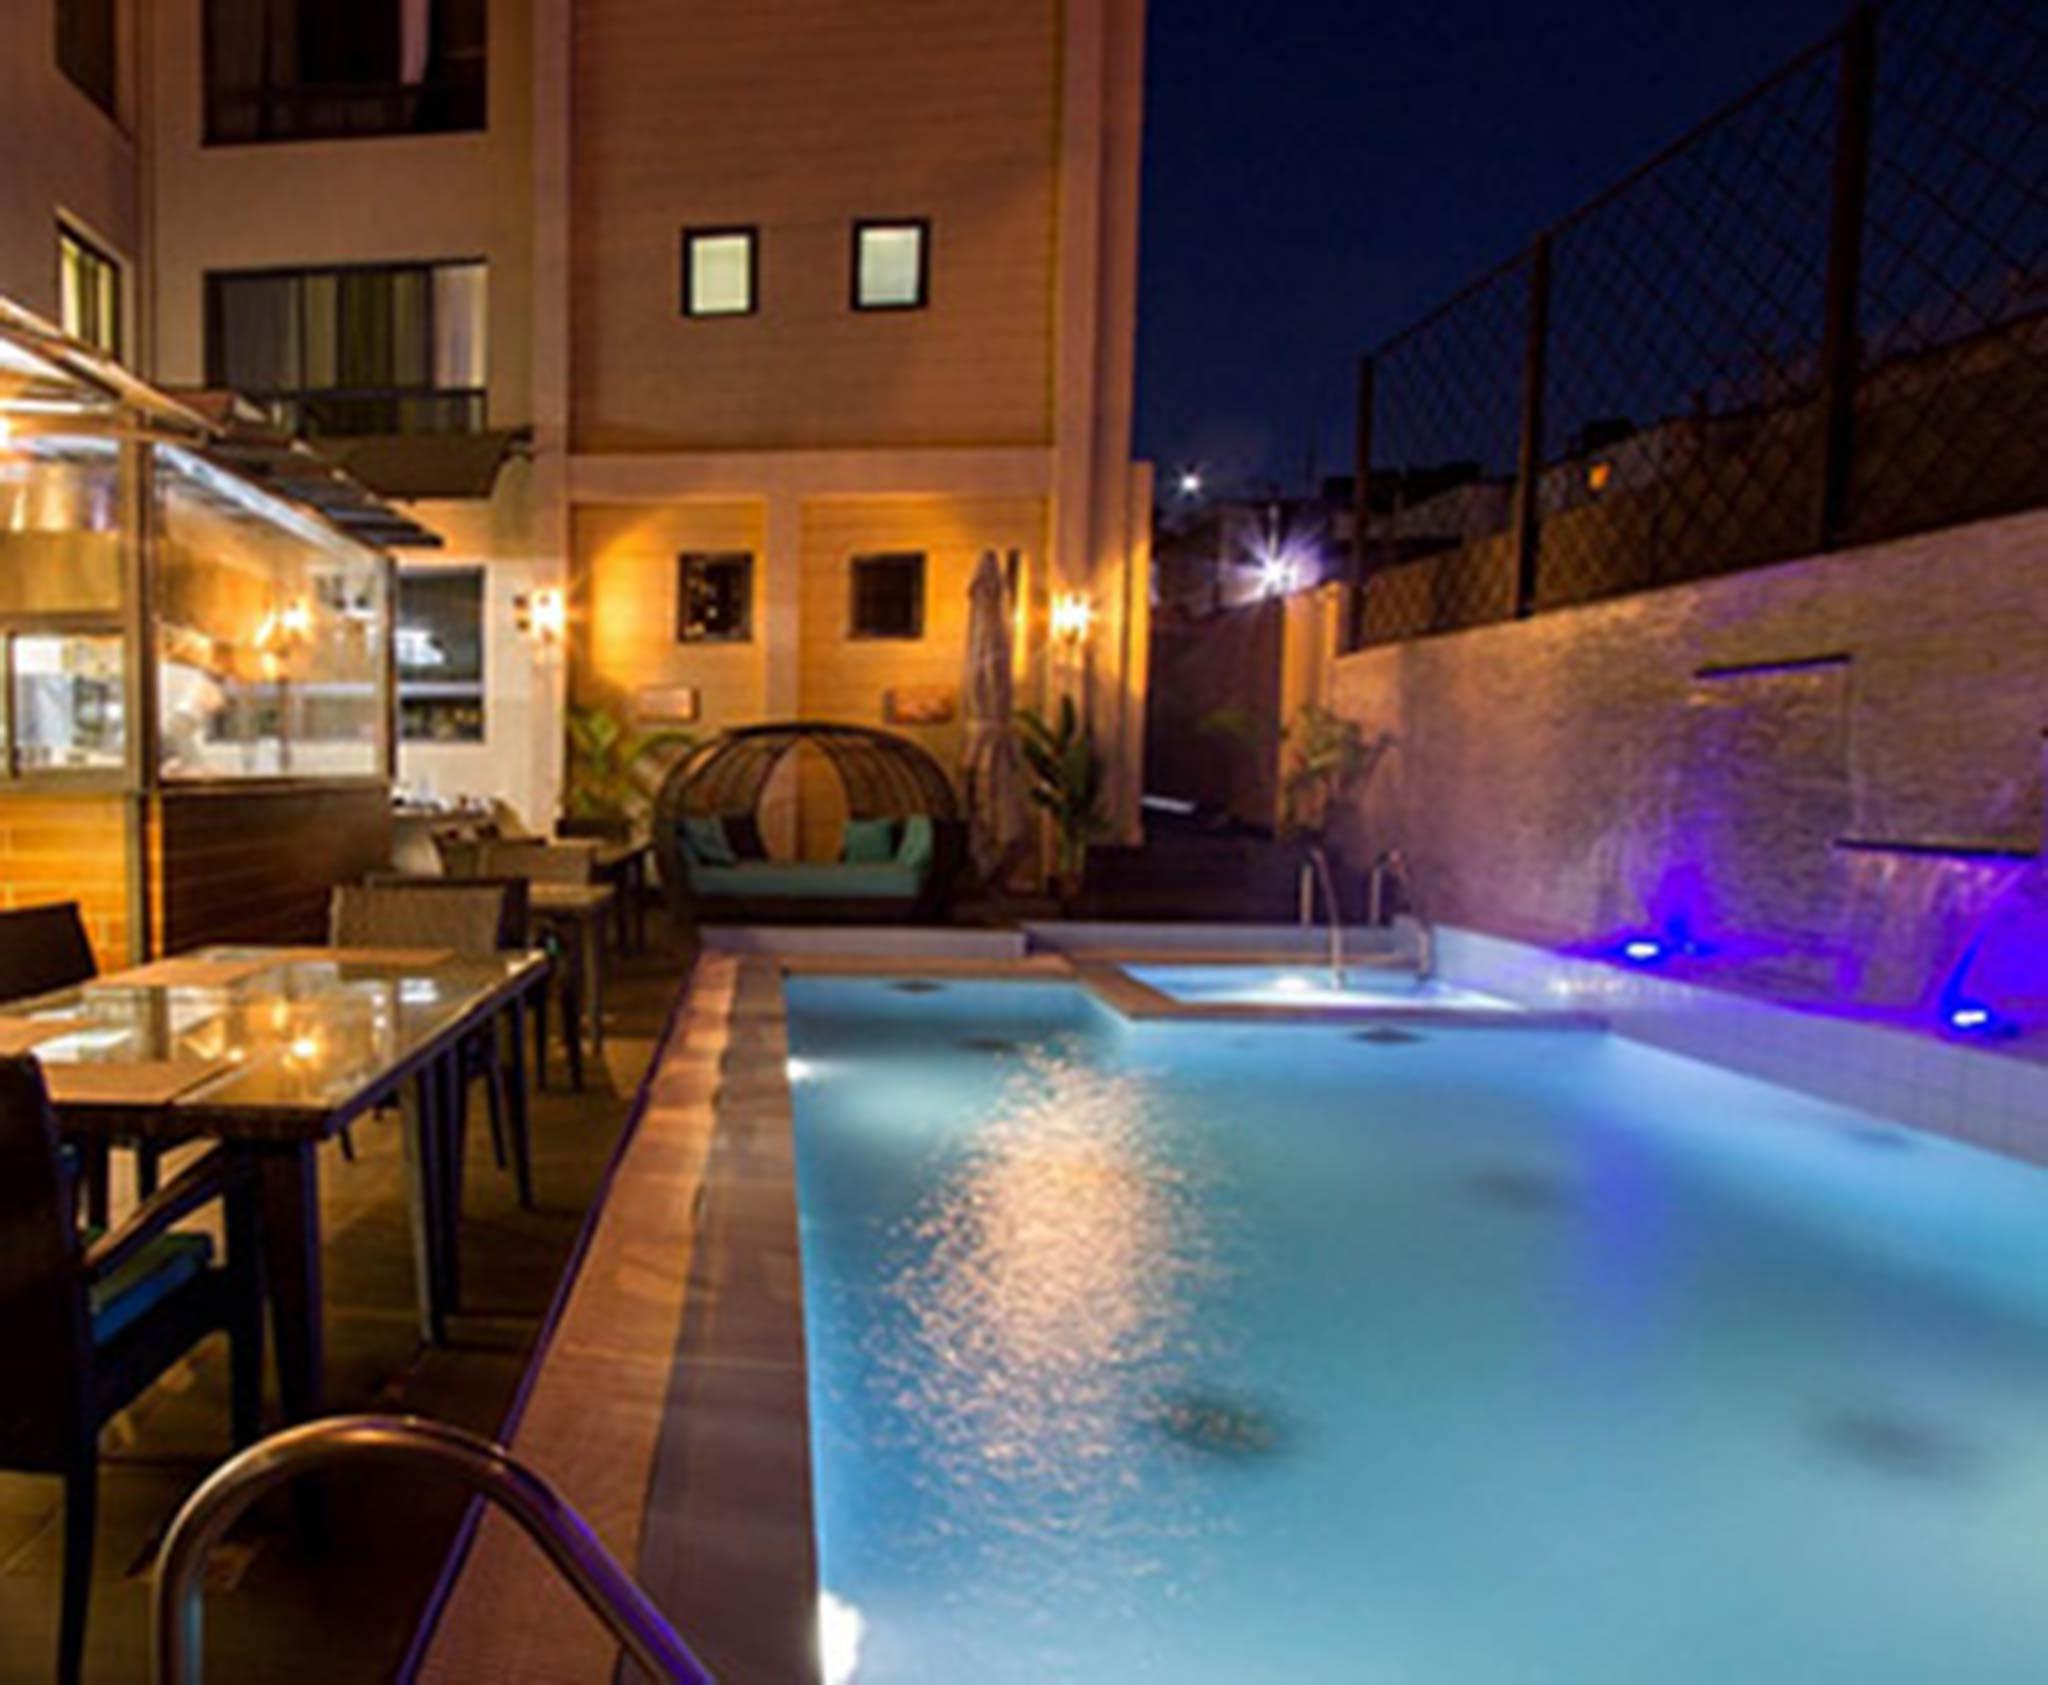 bernachten Sie in den Landmark Suites, entspannen Sie am Pool und genieen Sie die Annehmlichkeiten